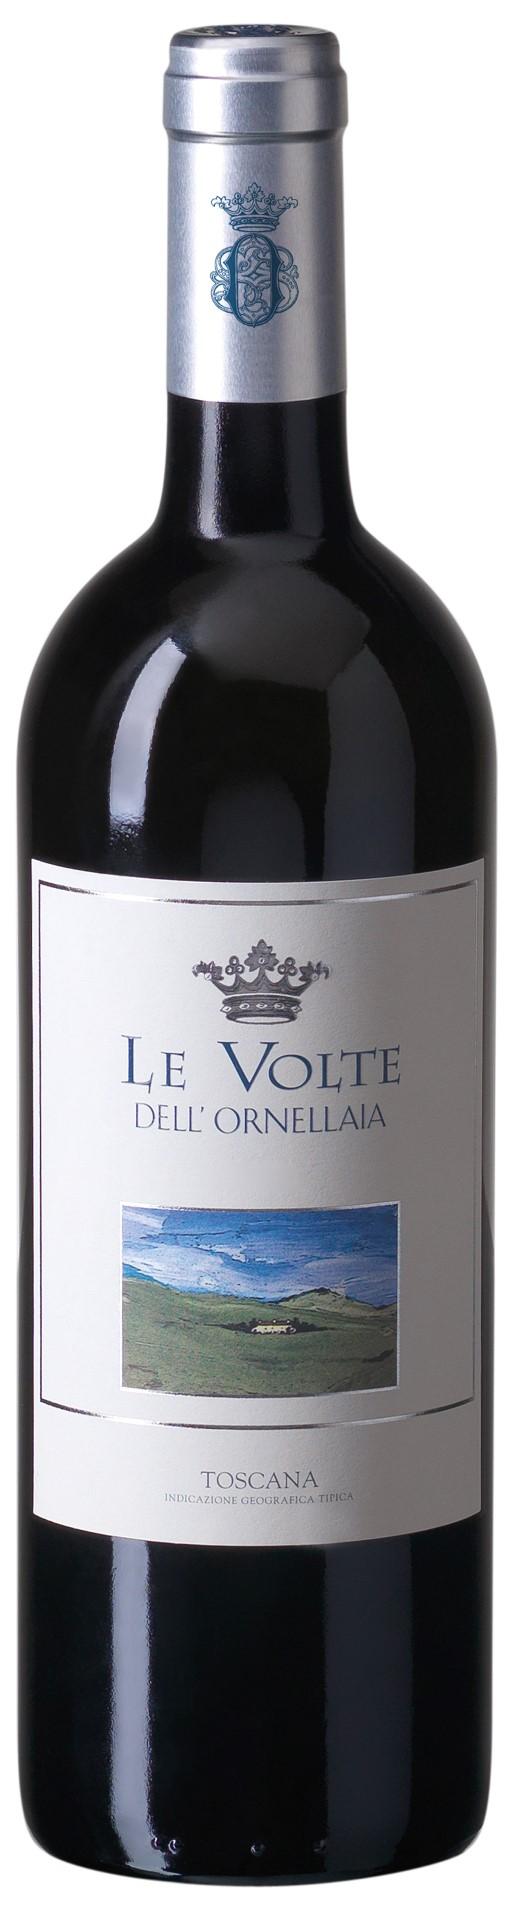 2015 Le Volte Dell'Ornellaia Toscana IGT